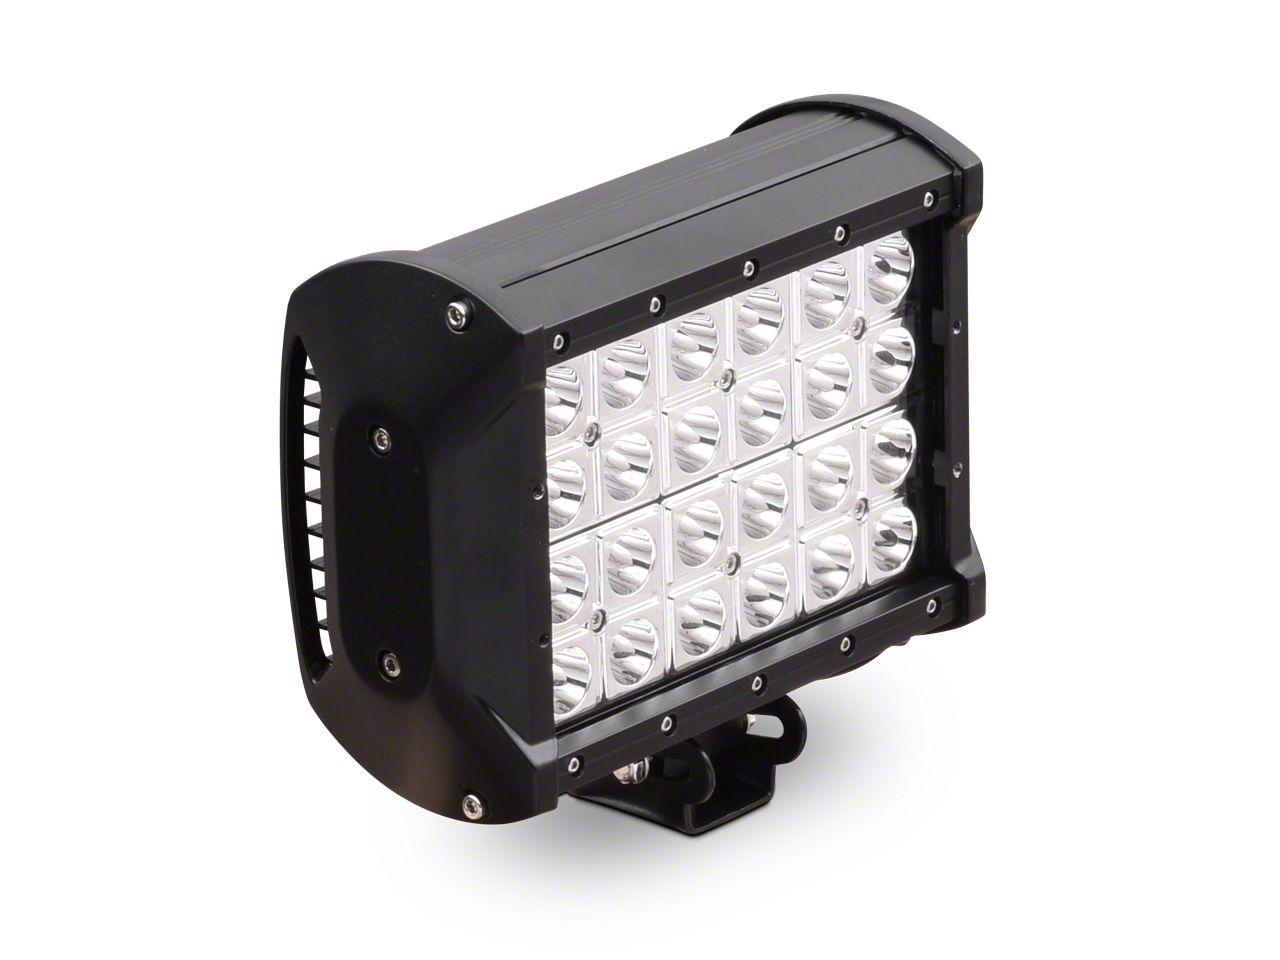 Alteon 7 in. 6 Series LED Light Bar - 60 Degree Flood Beam